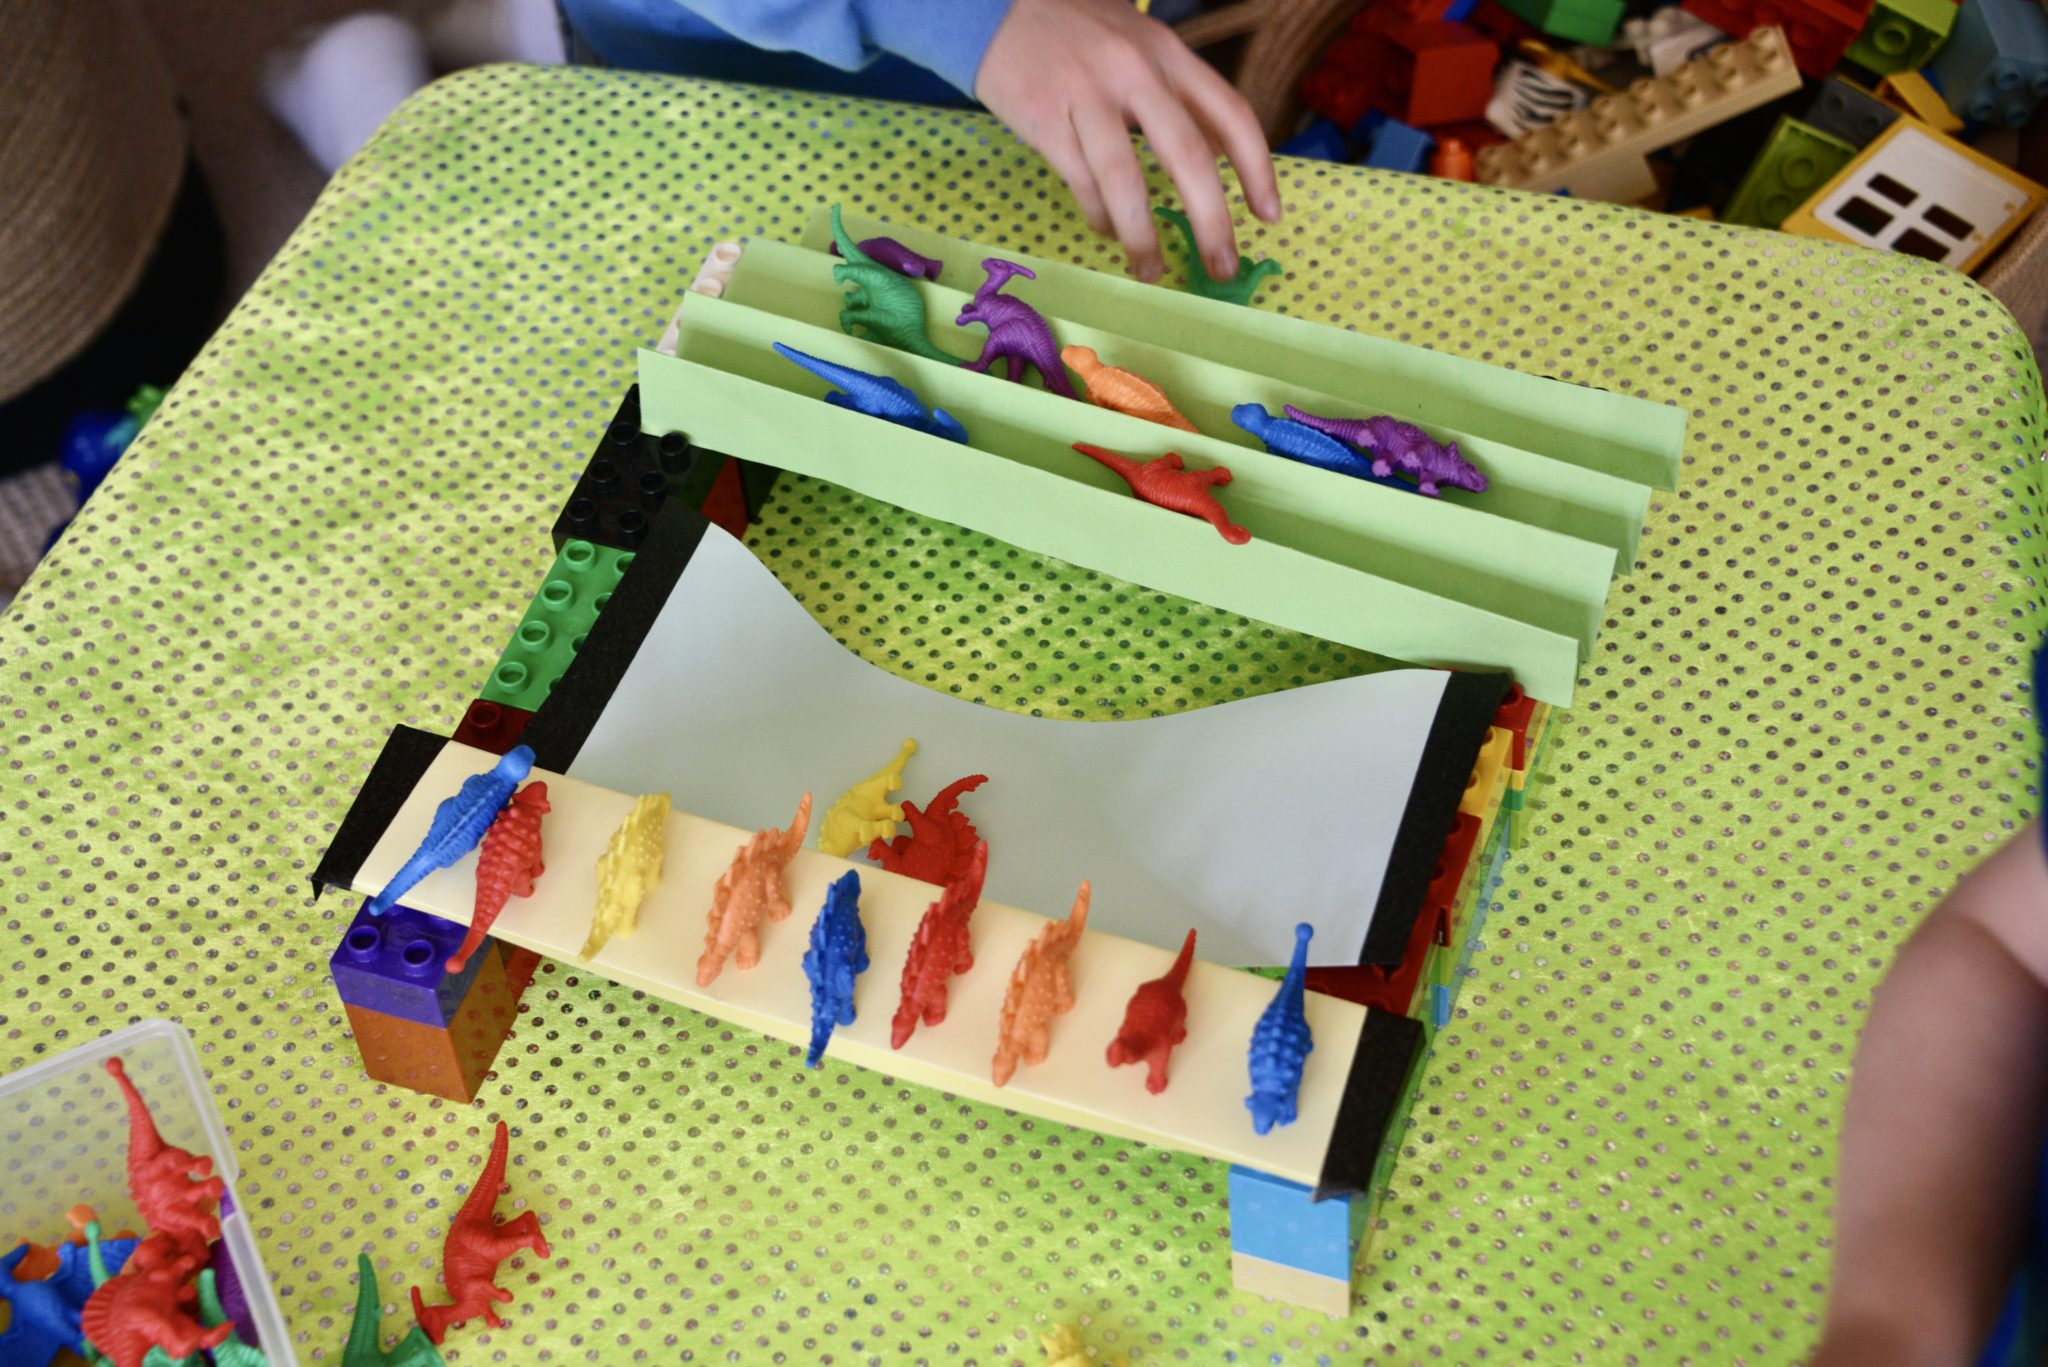 Building Bridges - STEM Challenge